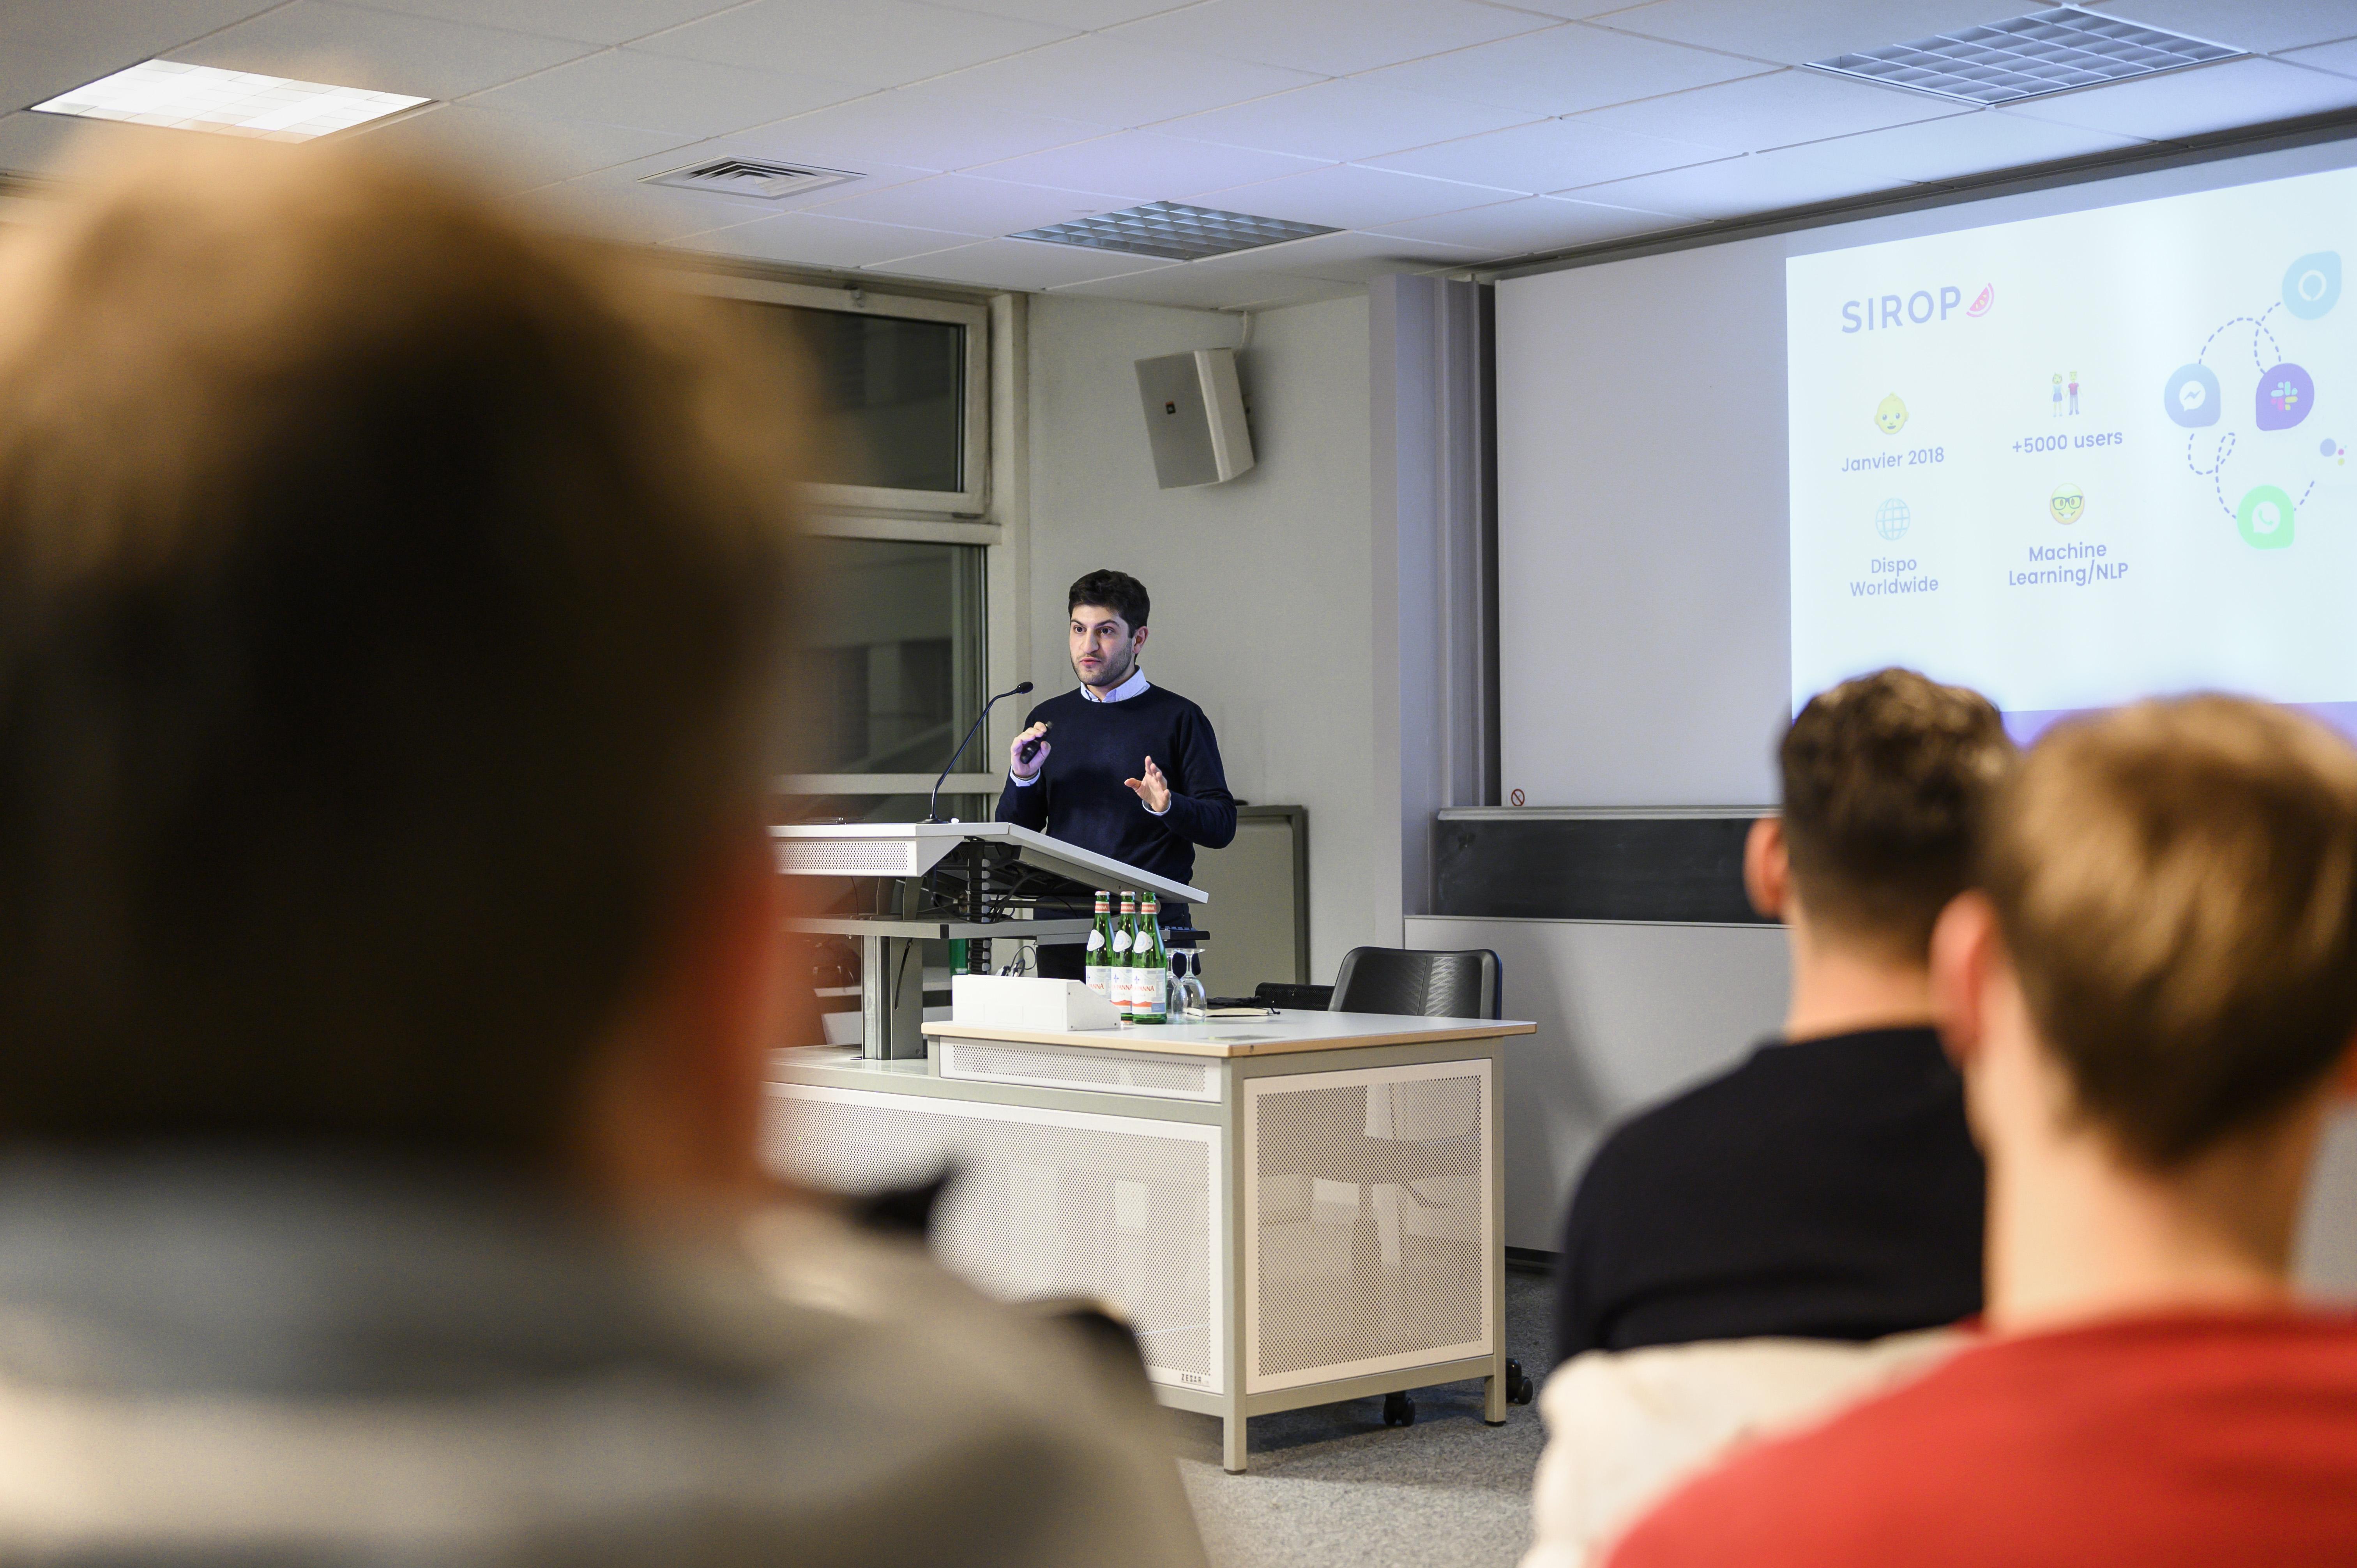 L'université, les étudiant.e.s et l'entrepreneuriat